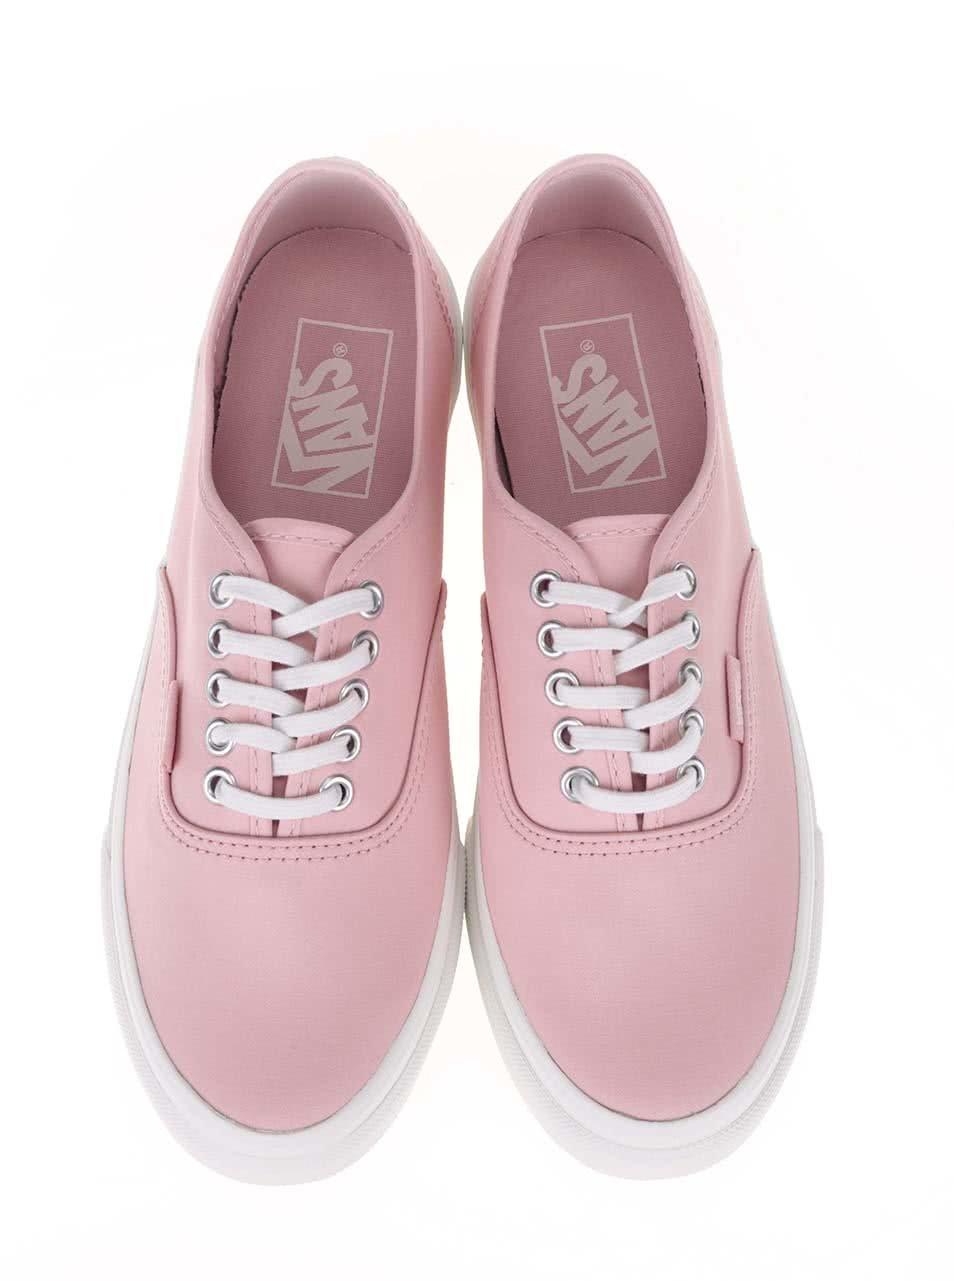 95bc7c8a12e2e Ružové dámske tenisky Vans Authentic | ZOOT.sk